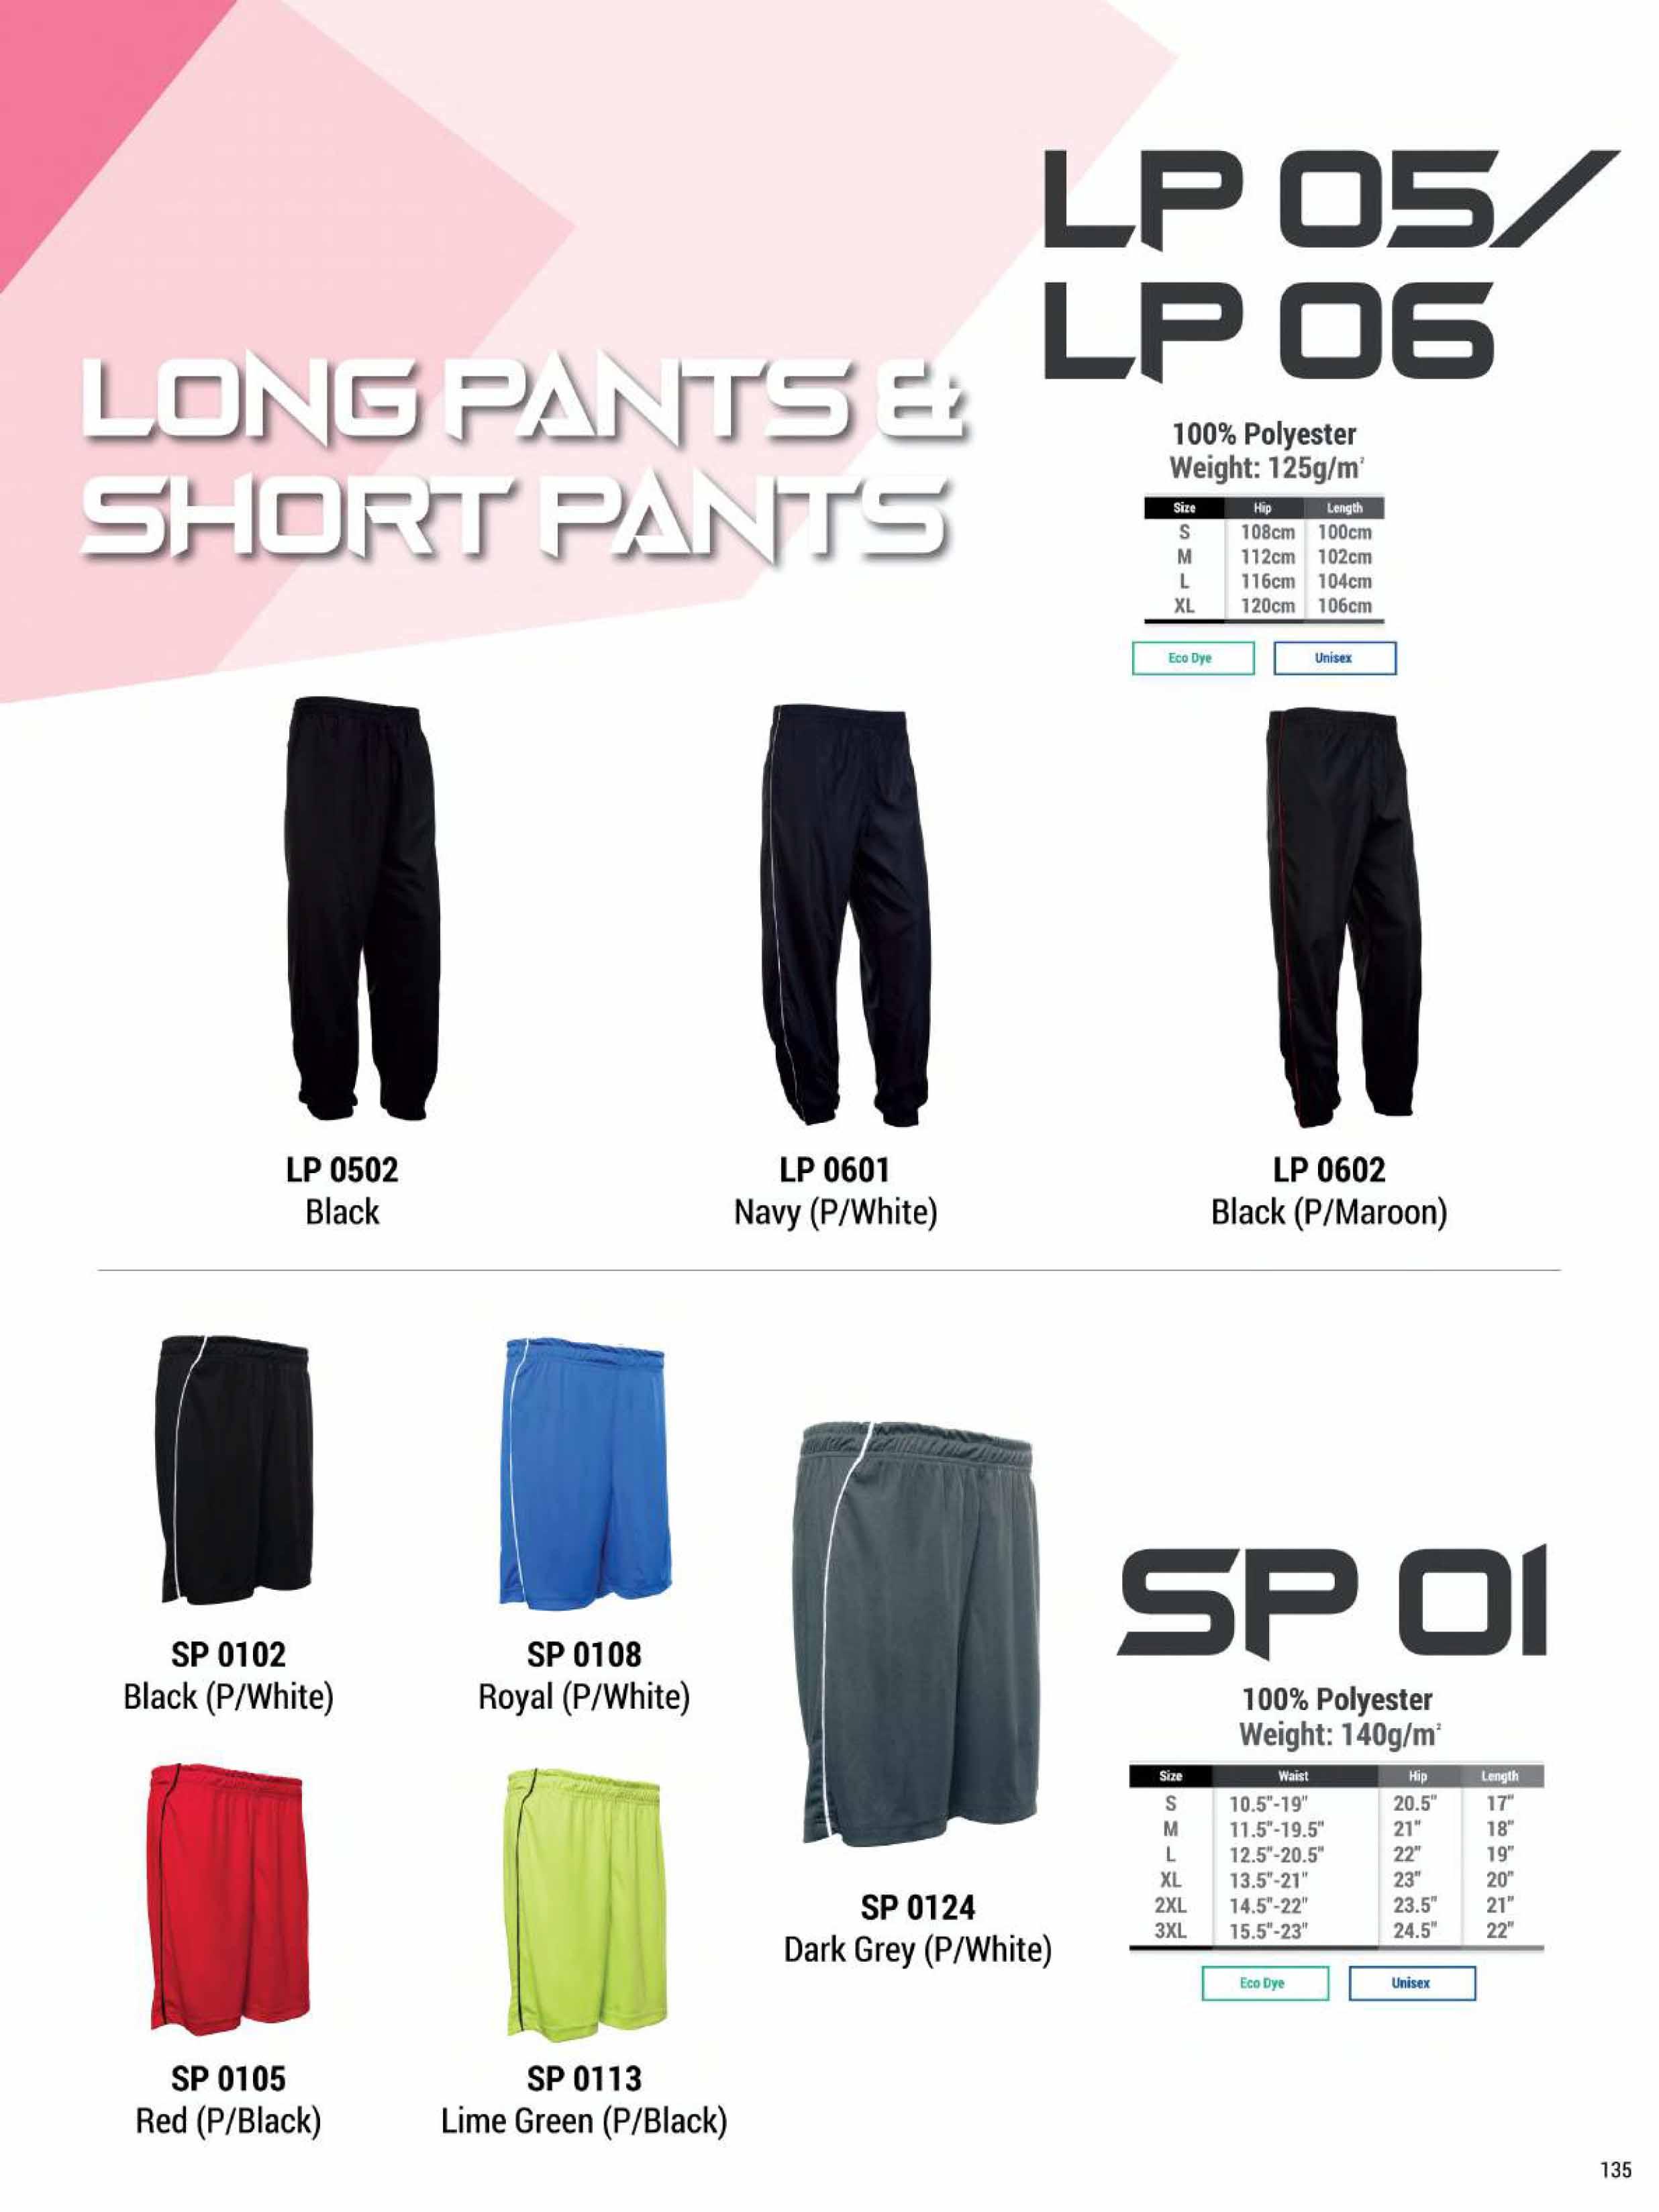 LP05 06 PANTS SP01 SHORTS